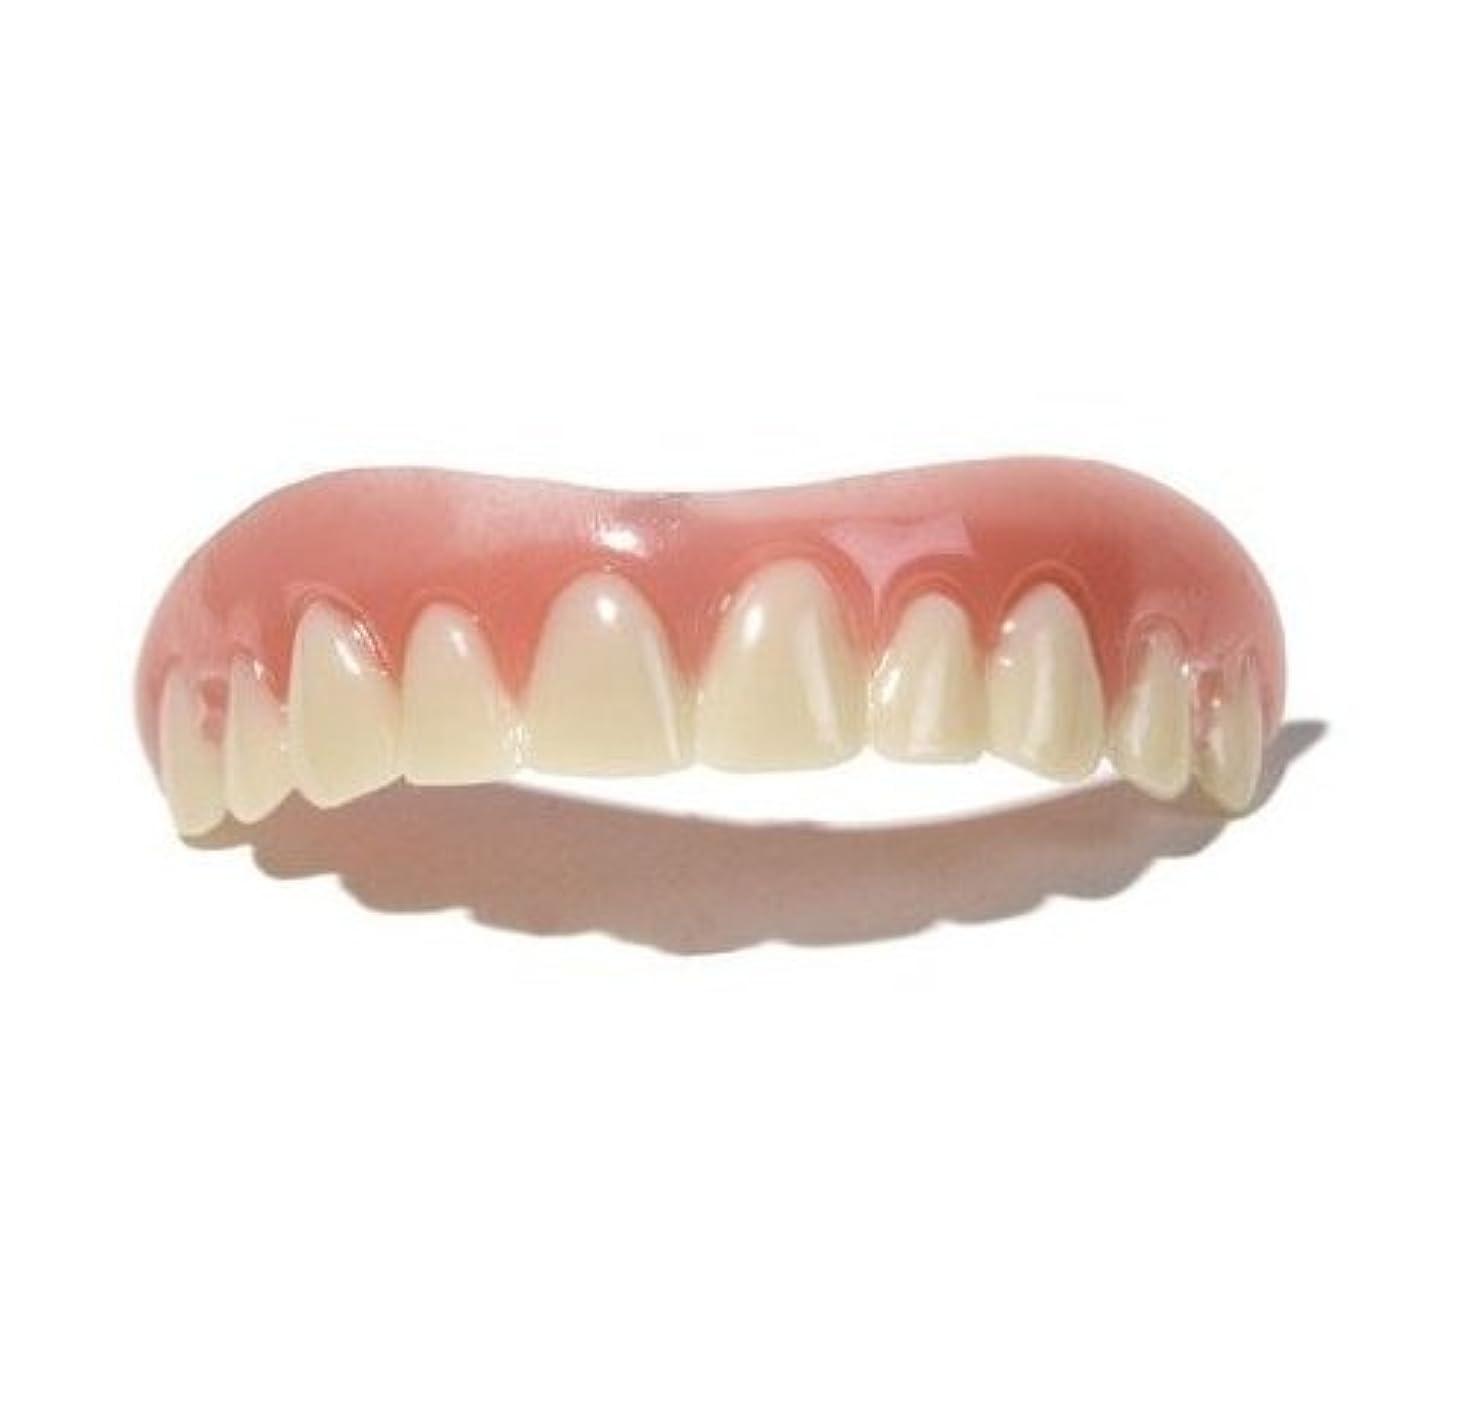 補助同様に品インスタント 美容 つけ歯 上歯(free size (Medium)) [並行輸入品]